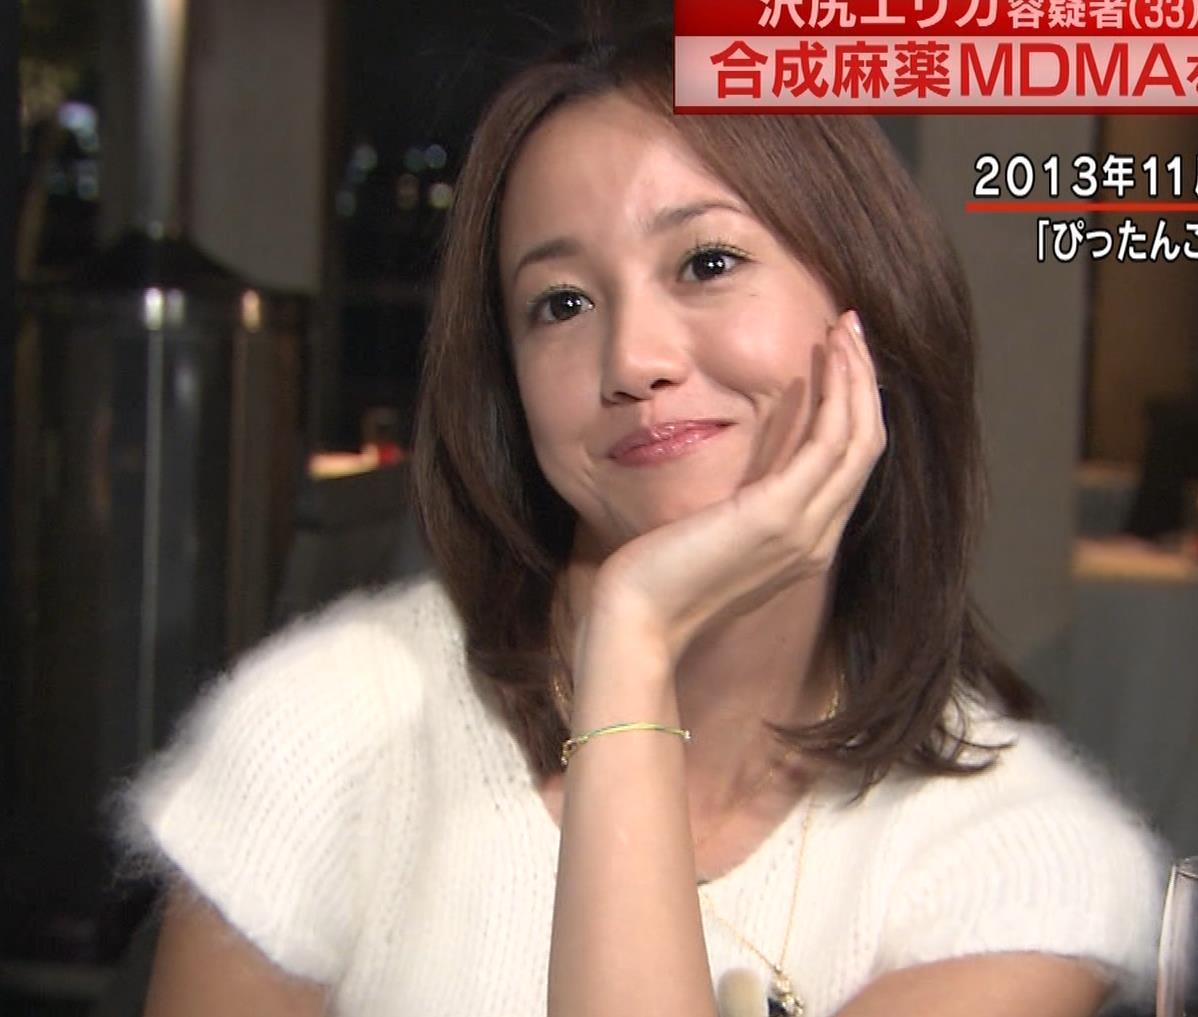 沢尻エリカ 逮捕報道で流れる過去のエロ衣装姿キャプ・エロ画像23